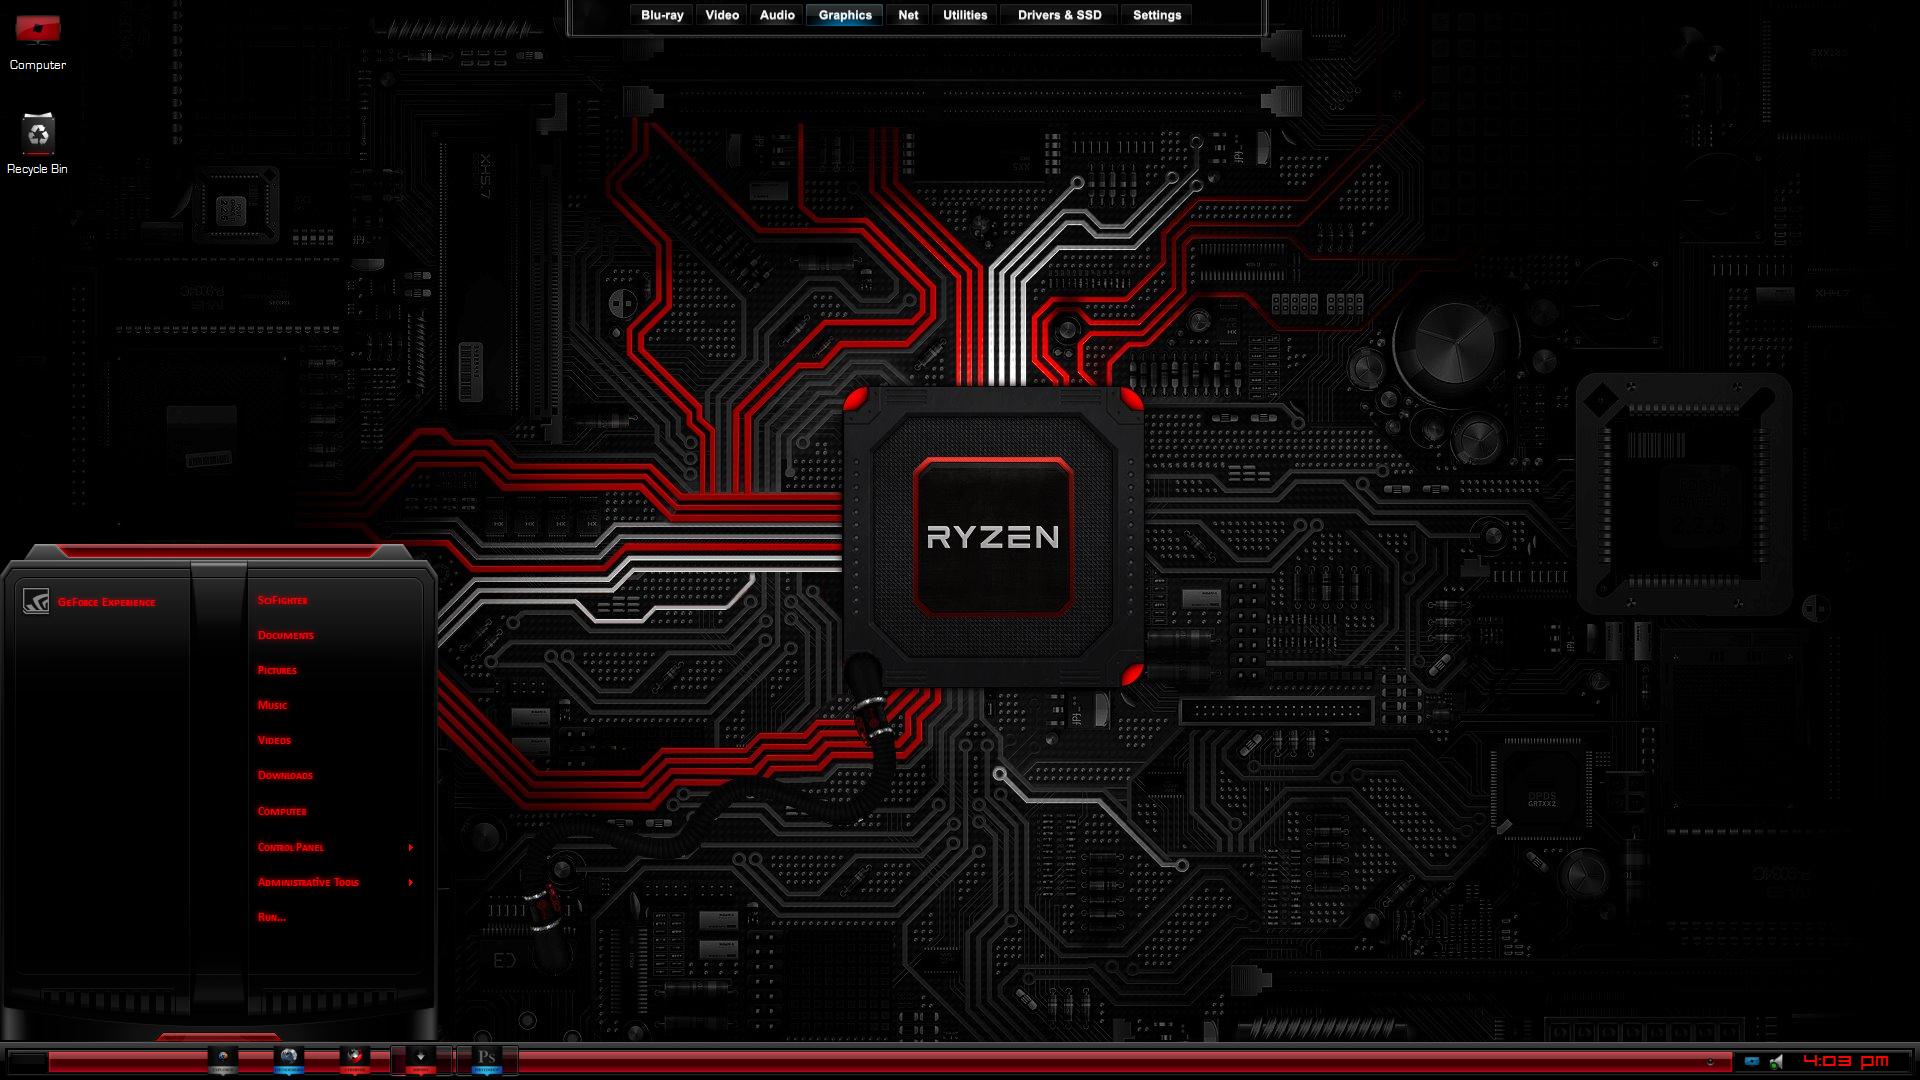 Hardwired Ryzen Special Edition